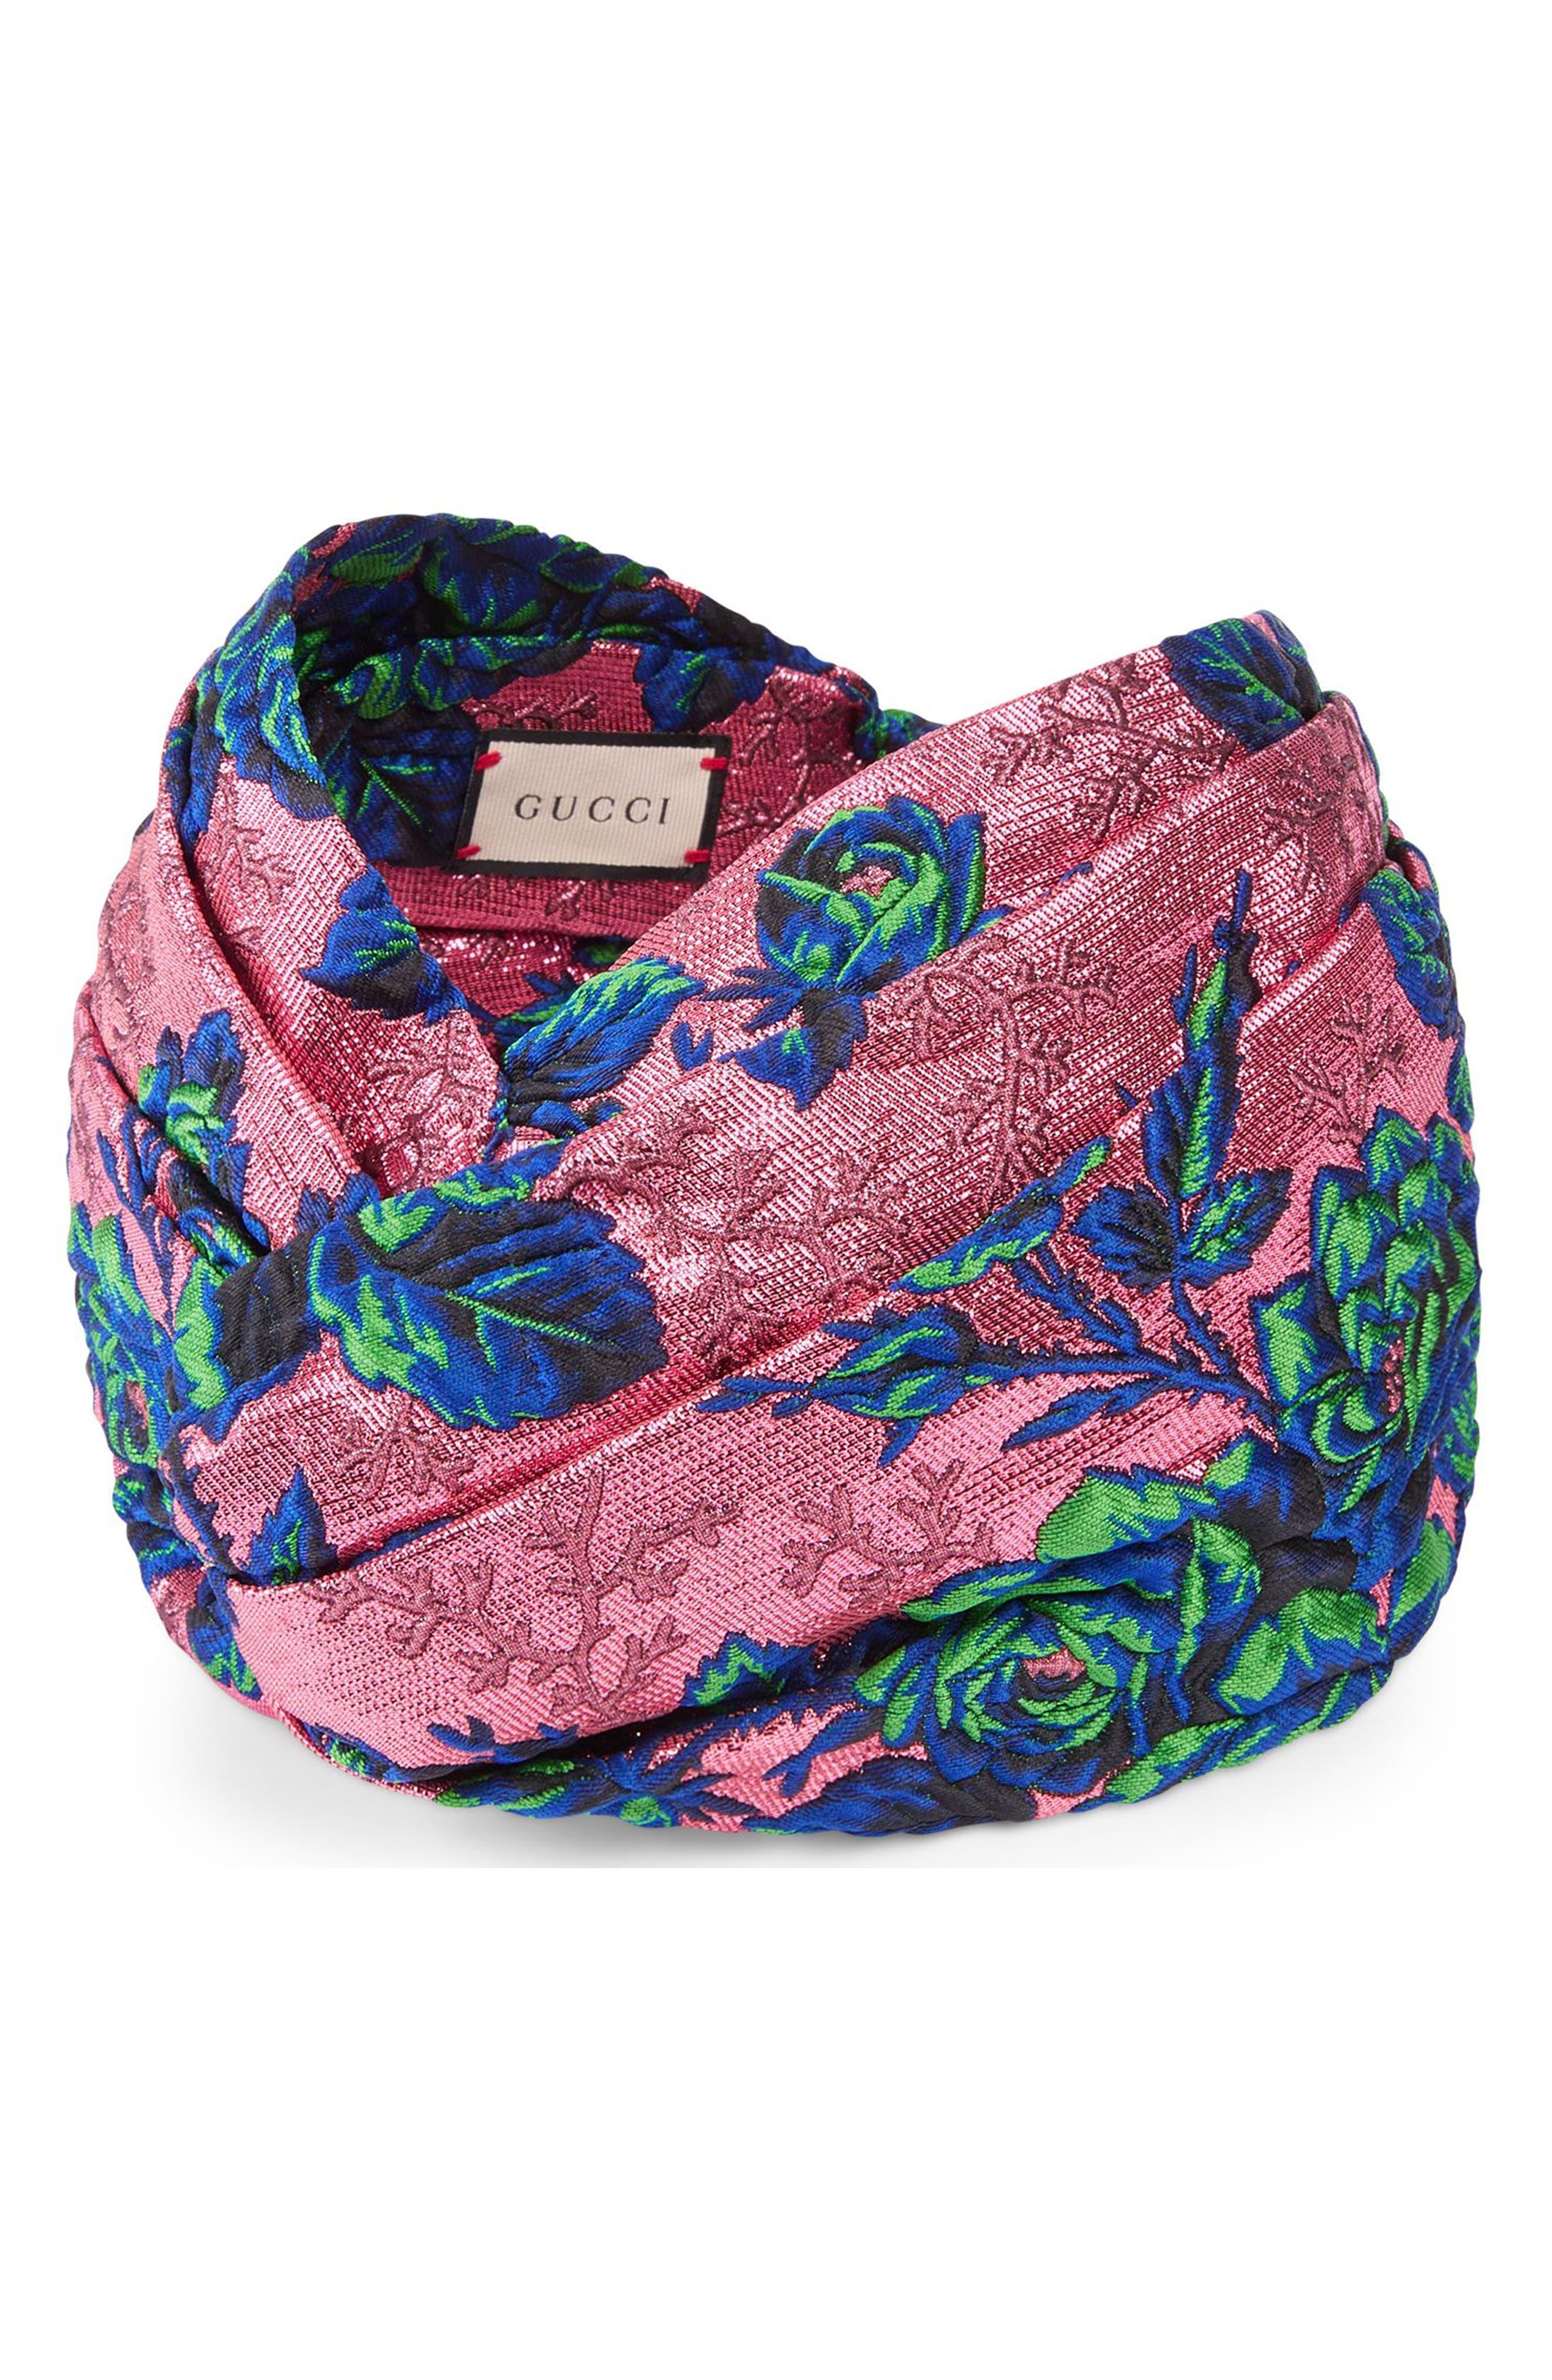 fad15e1f738 Gucci Headbands for Women